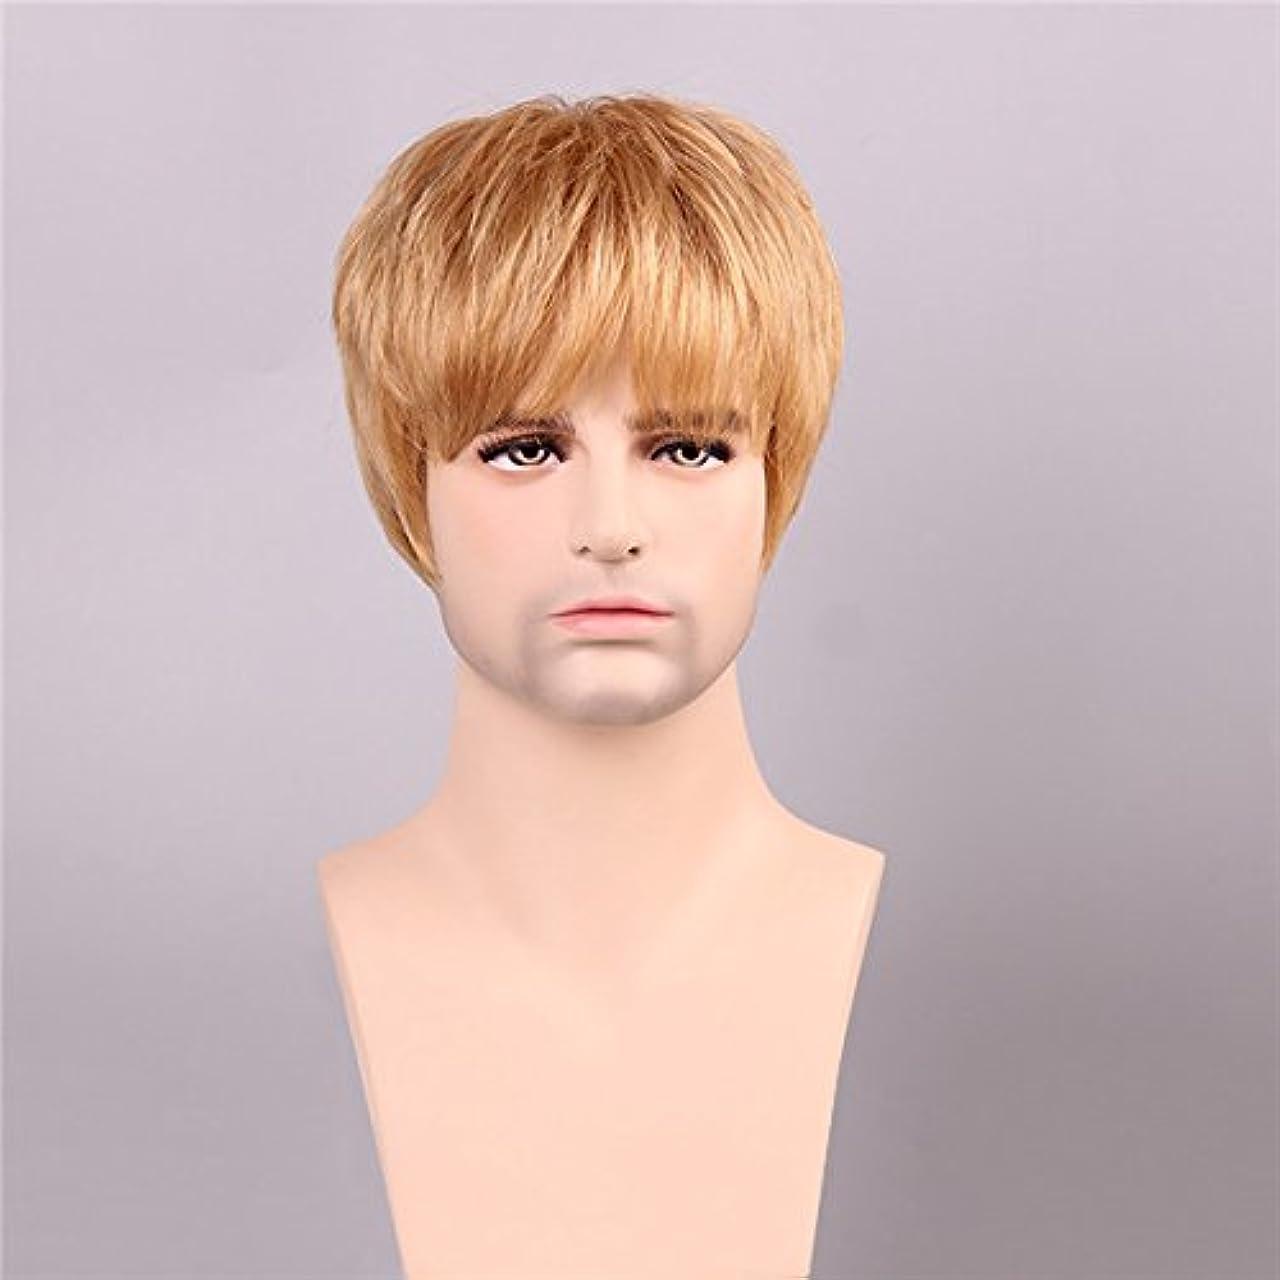 グレートバリアリーフ株式会社ニコチンYZUEYT 男性の人間の髪のウィッグゴールデンブラウンブロンドショートモノラルトップ男性男性レミーCapless YZUEYT (Size : One size)